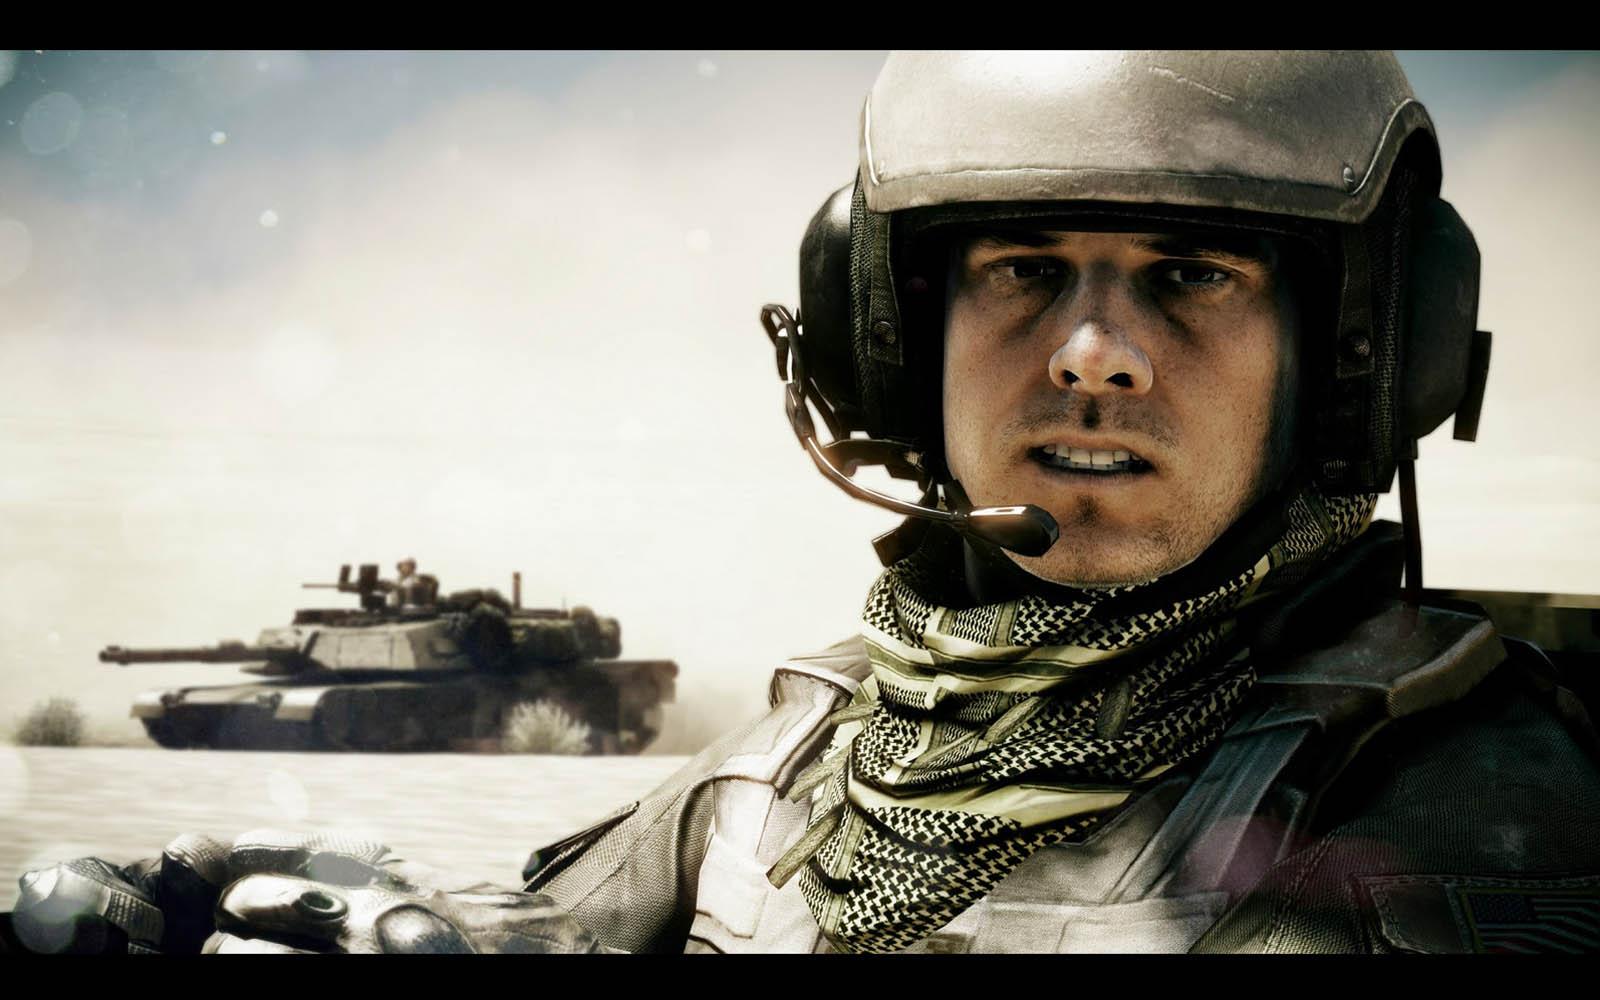 Wallpapers: Battlefield 3 Game Desktop Wallpapers